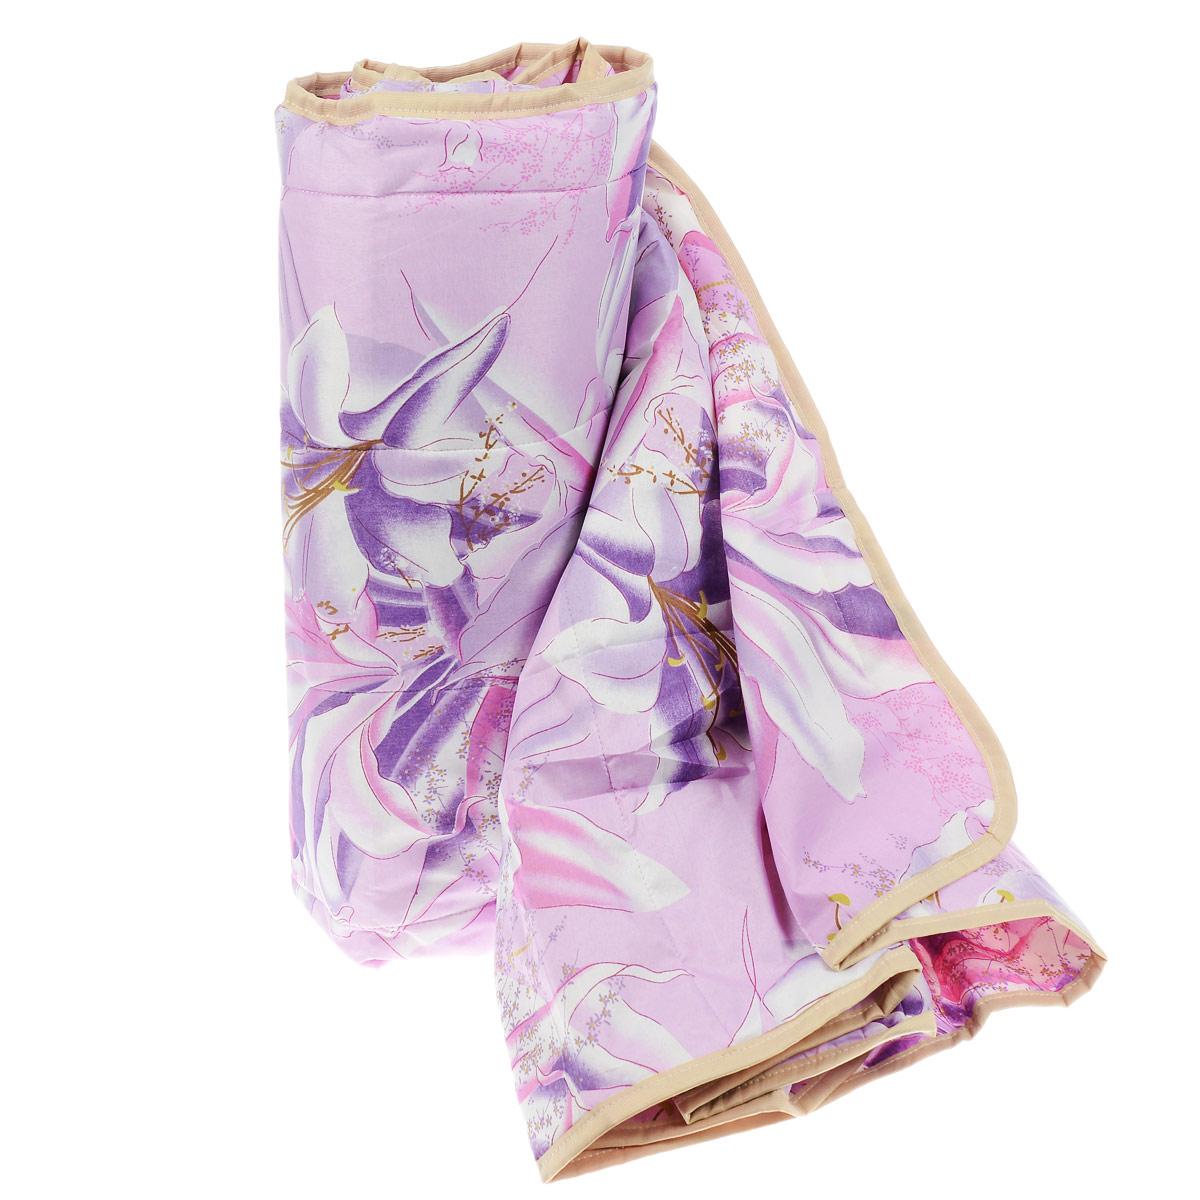 Одеяло летнее OL-Tex Miotex, наполнитель: полиэфирное волокно Holfiteks, цвет: сиреневый, 172 х 205 смМХПЭ-18-1 сиреневыйЛегкое летнее одеяло OL-Tex Miotex создаст комфорт и уют во время сна. Чехол выполнен из полиэстера и оформлен красочным цветочным рисунком. Внутри - современный наполнитель из полиэфирного высокосиликонизированного волокна Holfiteks, упругий и качественный. Прекрасно держит тепло. Одеяло с наполнителем Holfiteks легкое и комфортное. Даже после многократных стирок не теряет свою форму, наполнитель не сбивается, так как одеяло простегано и окантовано. Не вызывает аллергии. Holfiteks - это возможность легко ухаживать за своими постельными принадлежностями. Можно стирать в машинке, изделия быстро и полностью высыхают - это обеспечивает гигиену спального места при невысокой цене на продукцию. Рекомендации по уходу:- Ручная и машинная стирка при температуре 30°С.- Не гладить.- Не отбеливать. - Нельзя отжимать и сушить в стиральной машине.- Сушить вертикально. Размер одеяла: 172 см х 205 см. Материал чехла: 100% полиэстер. Материал наполнителя: полиэфирное высокосиликонизированное волокно Holfiteks. Плотность: 100 г/м2.